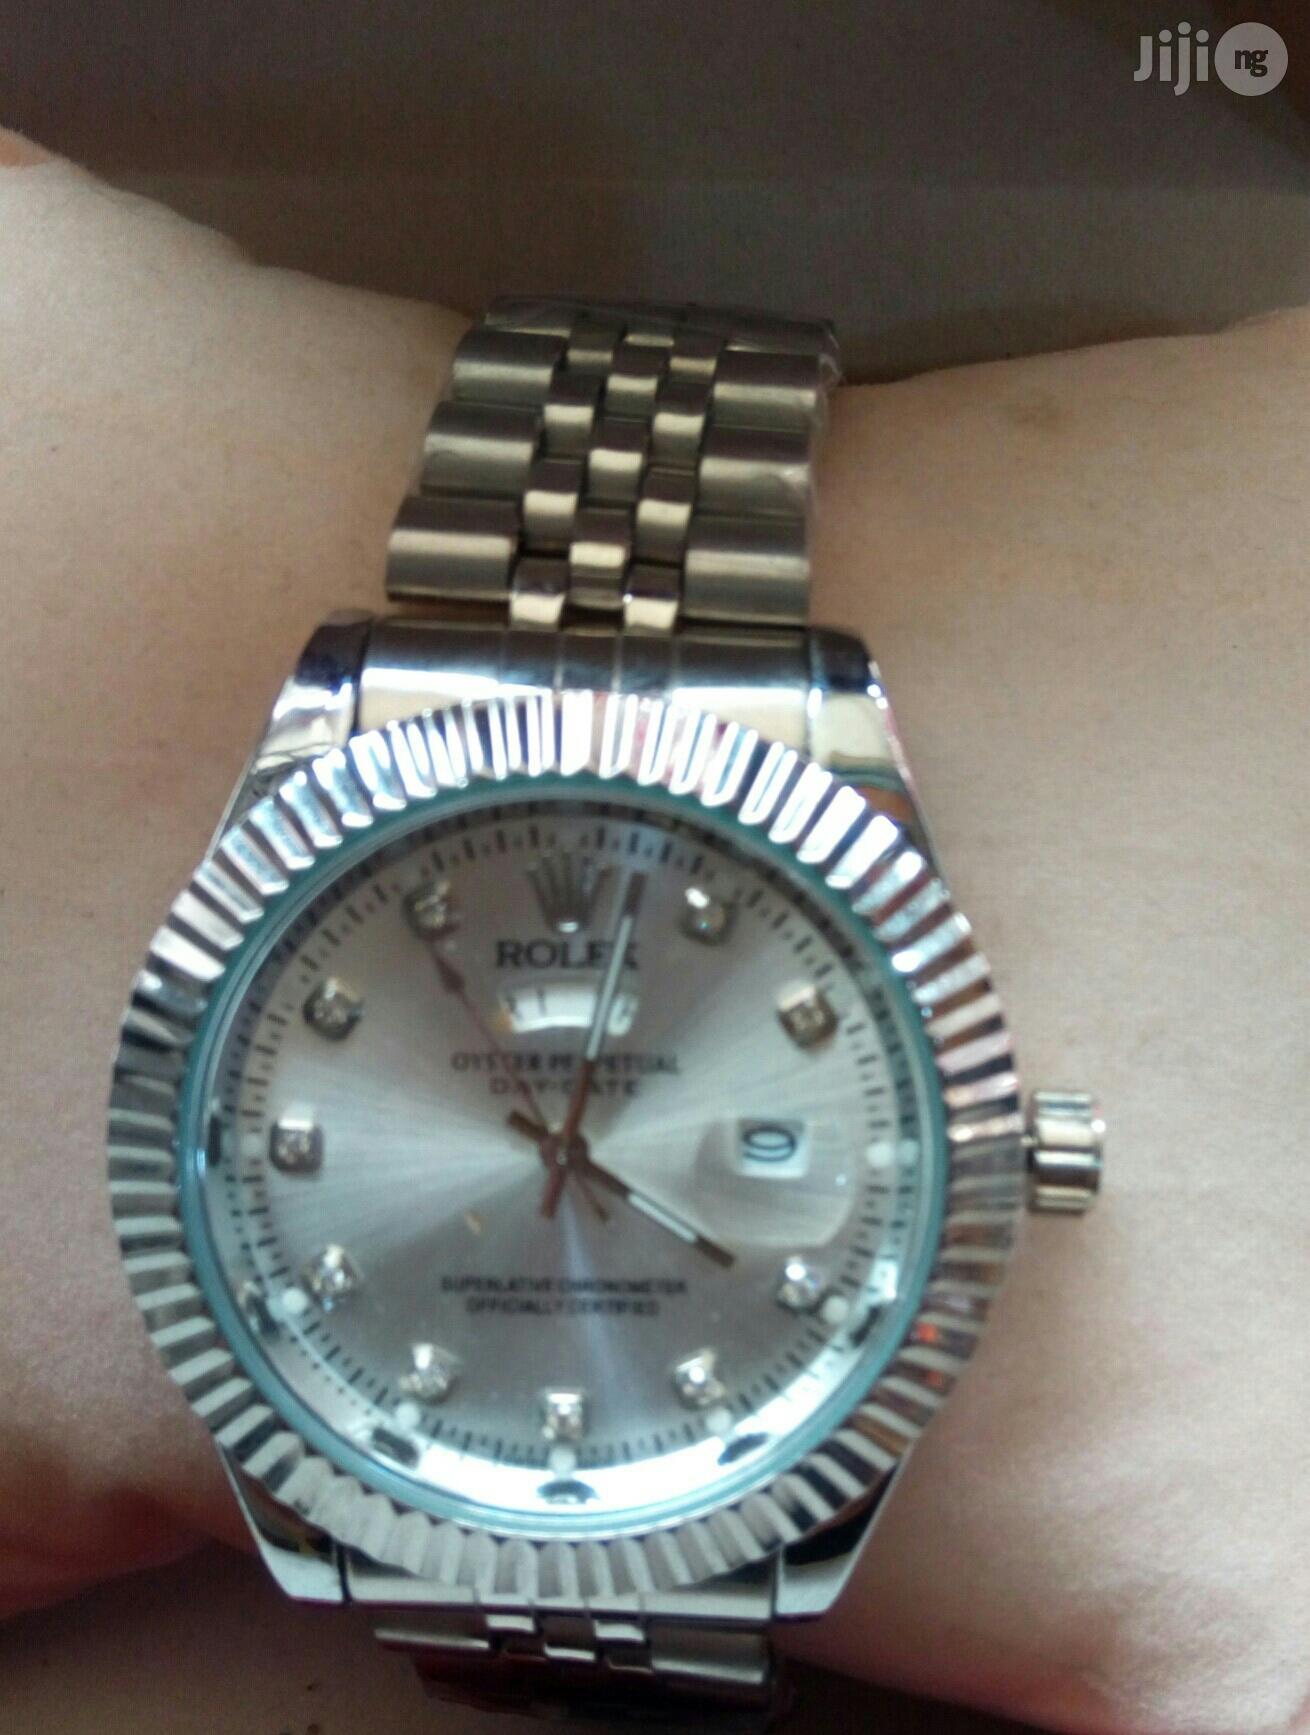 Unique Rolex Watch (Promo Price)